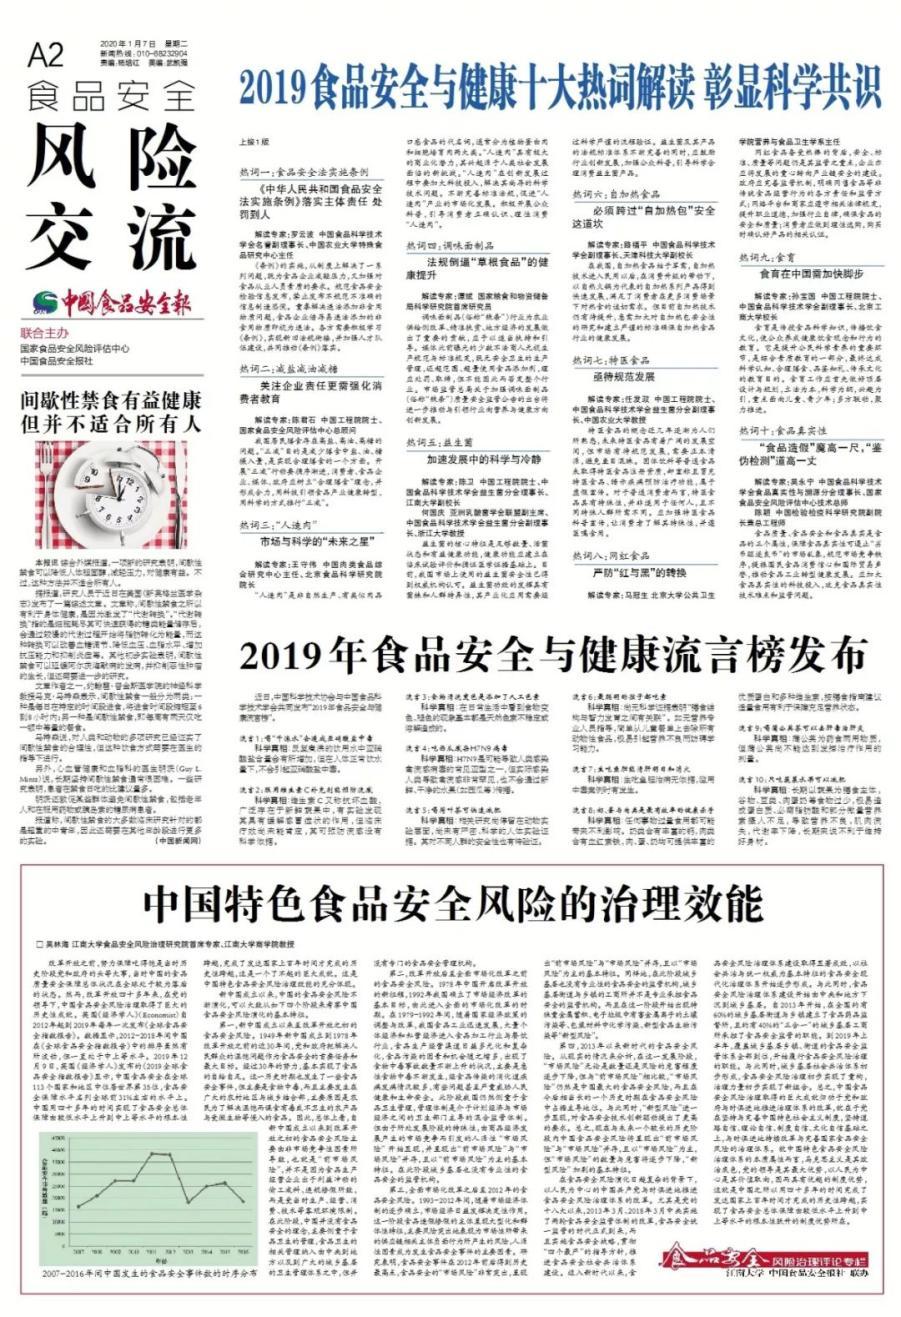 中国食品安全报第3265期a2版图片